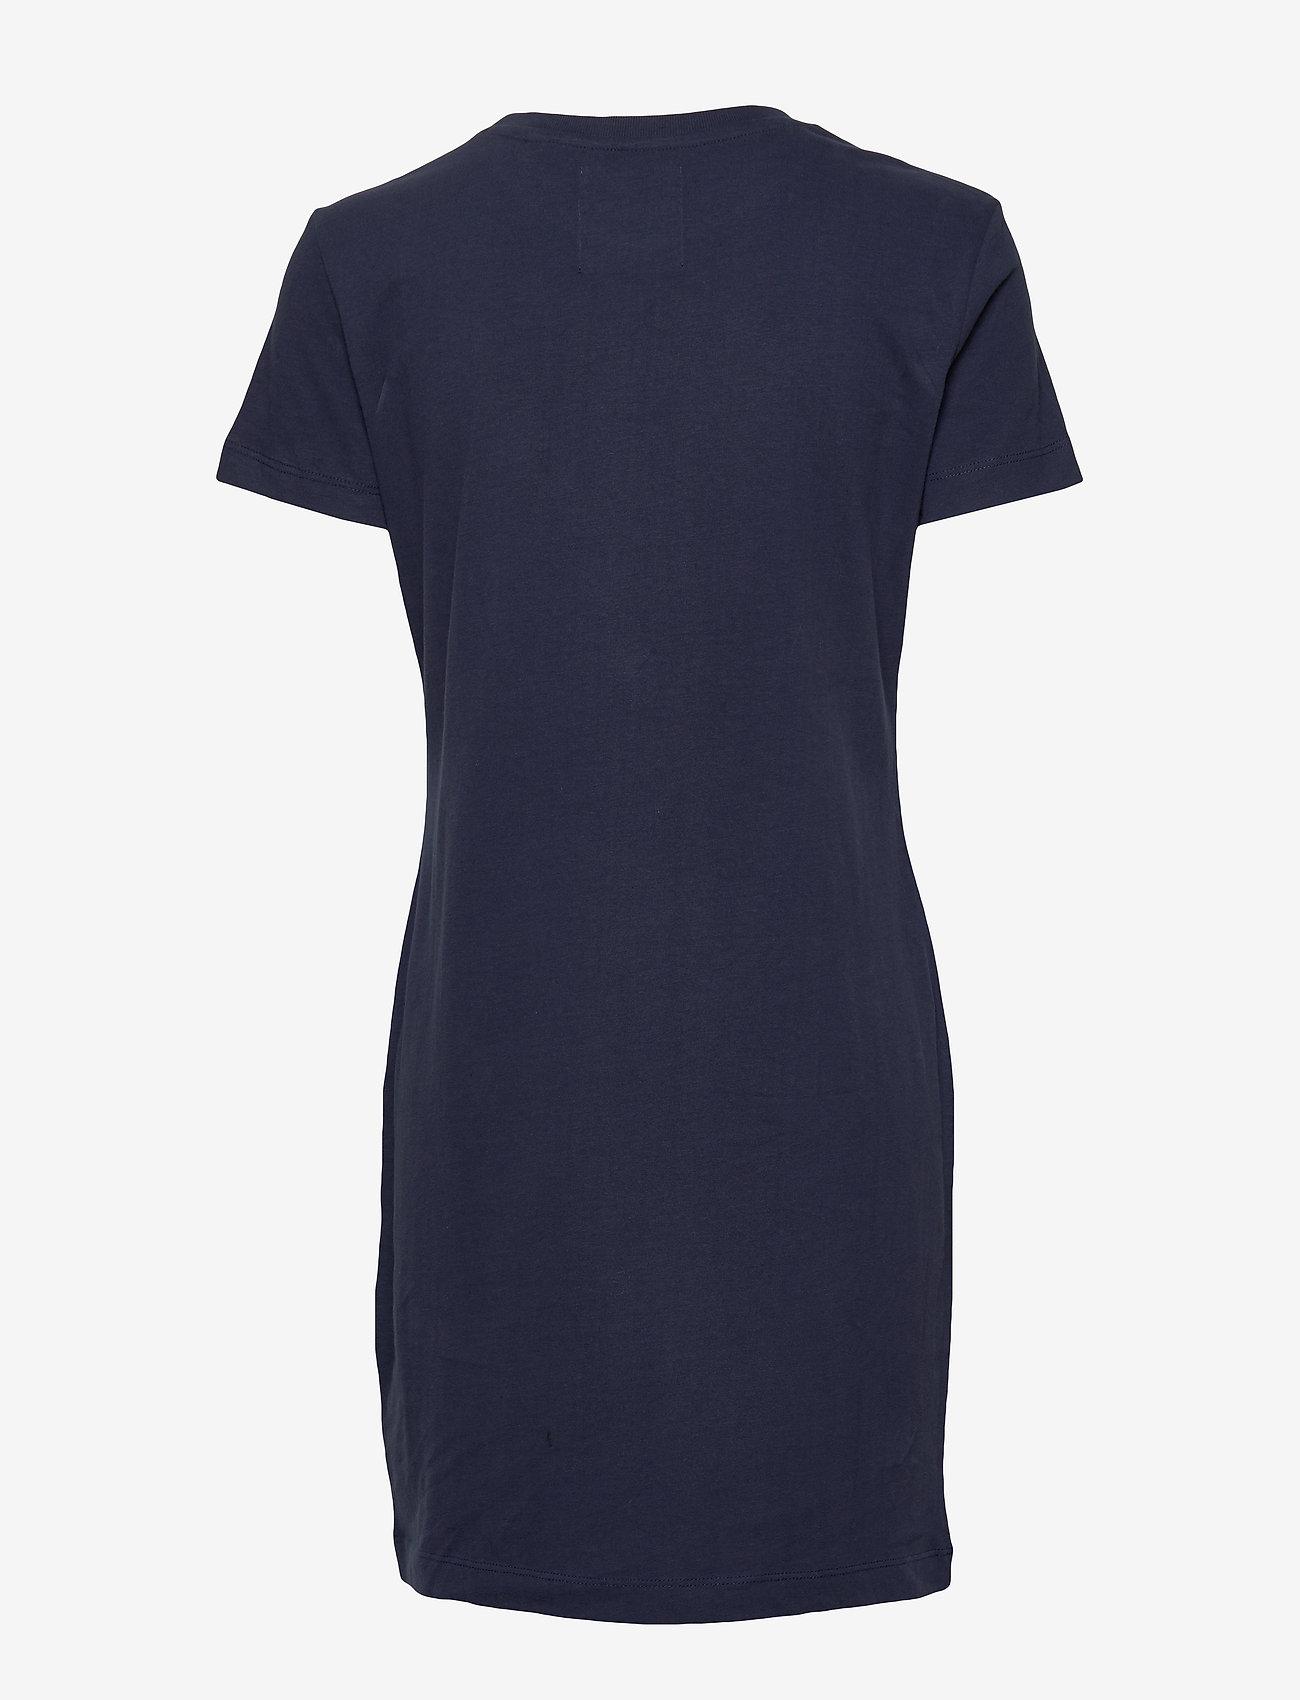 Superdry Ol T_ Shirt Dress - Klänningar Atlantic Navy